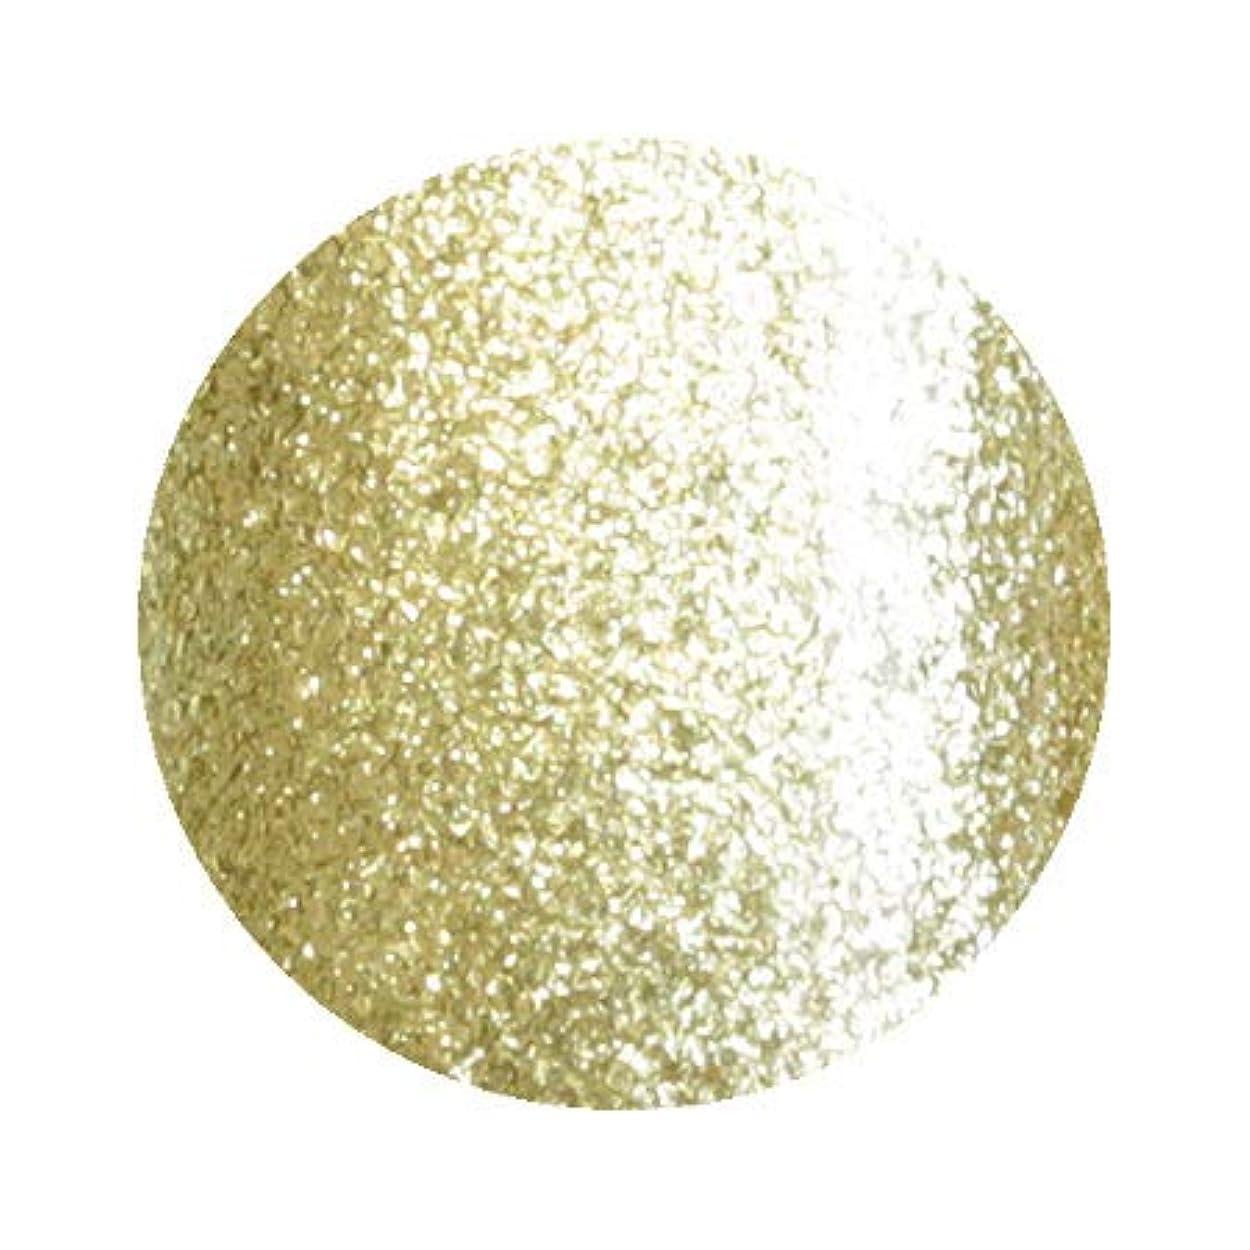 規定再編成する銀行Inity アイニティ ハイエンドカラー GD-02G ライトゴールド 3g